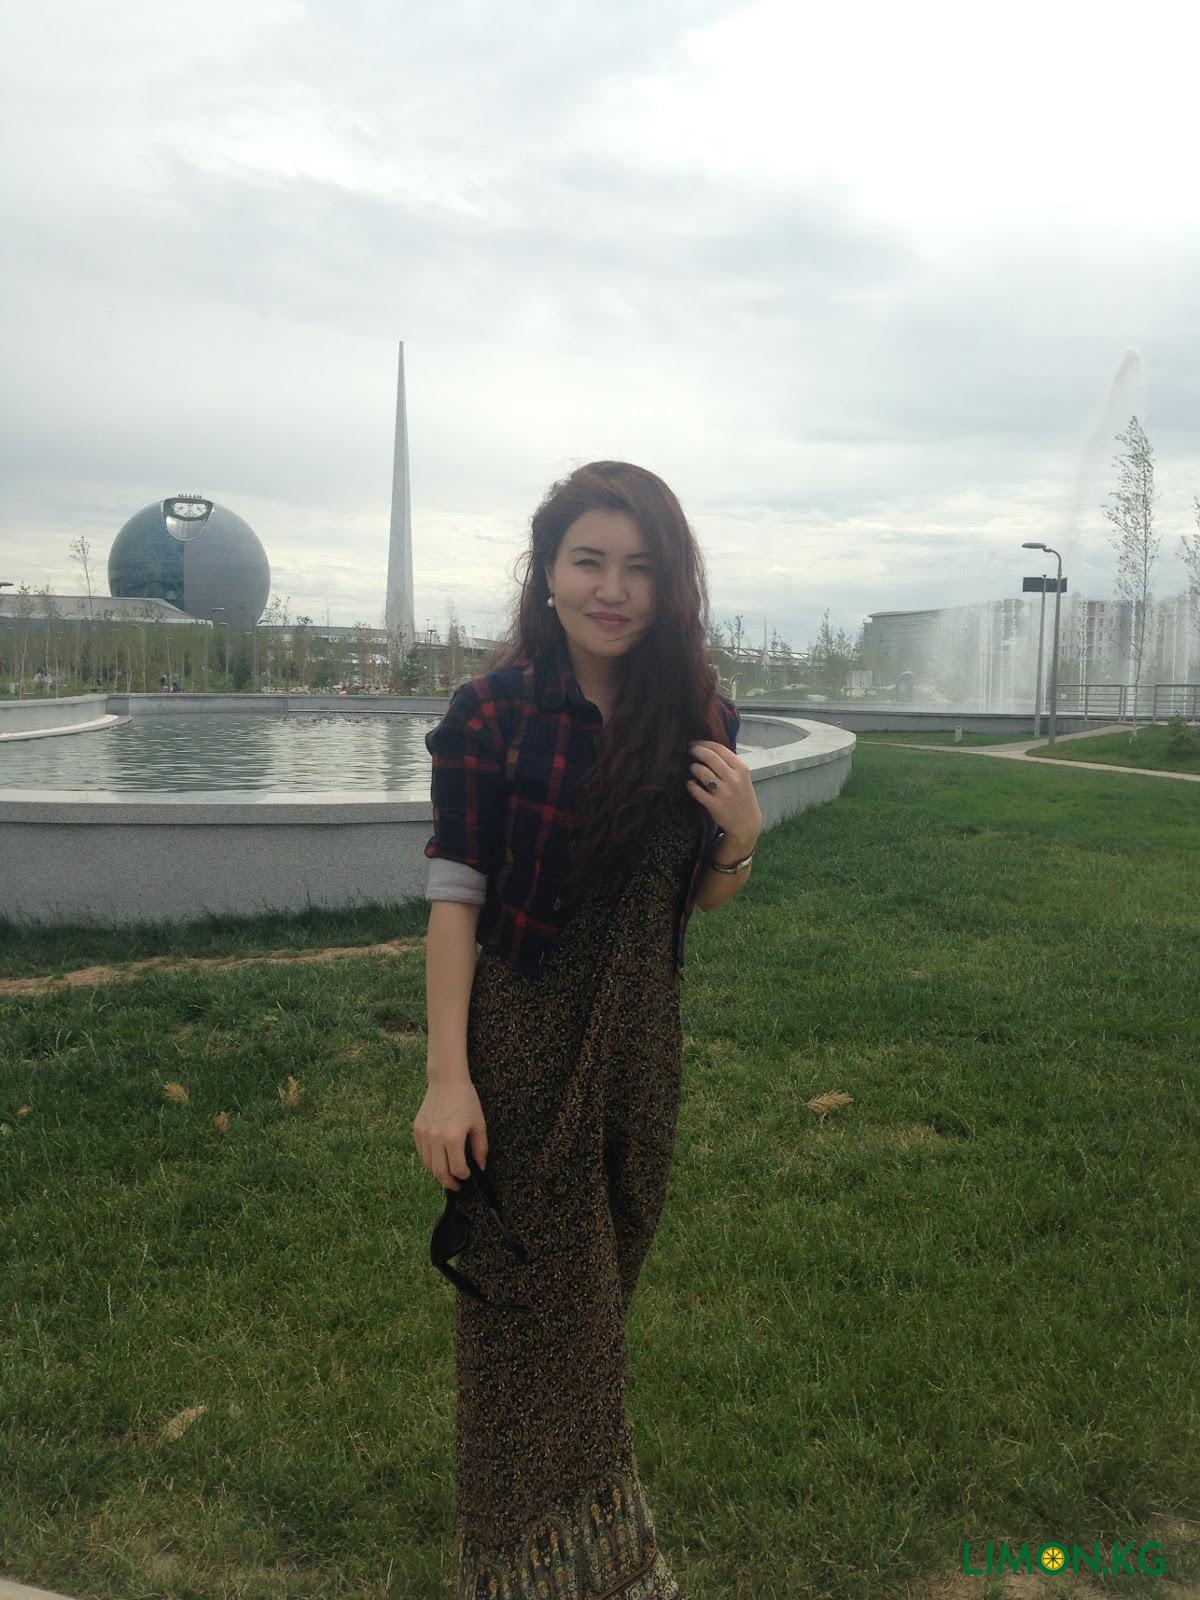 At EXPO Astana 2017